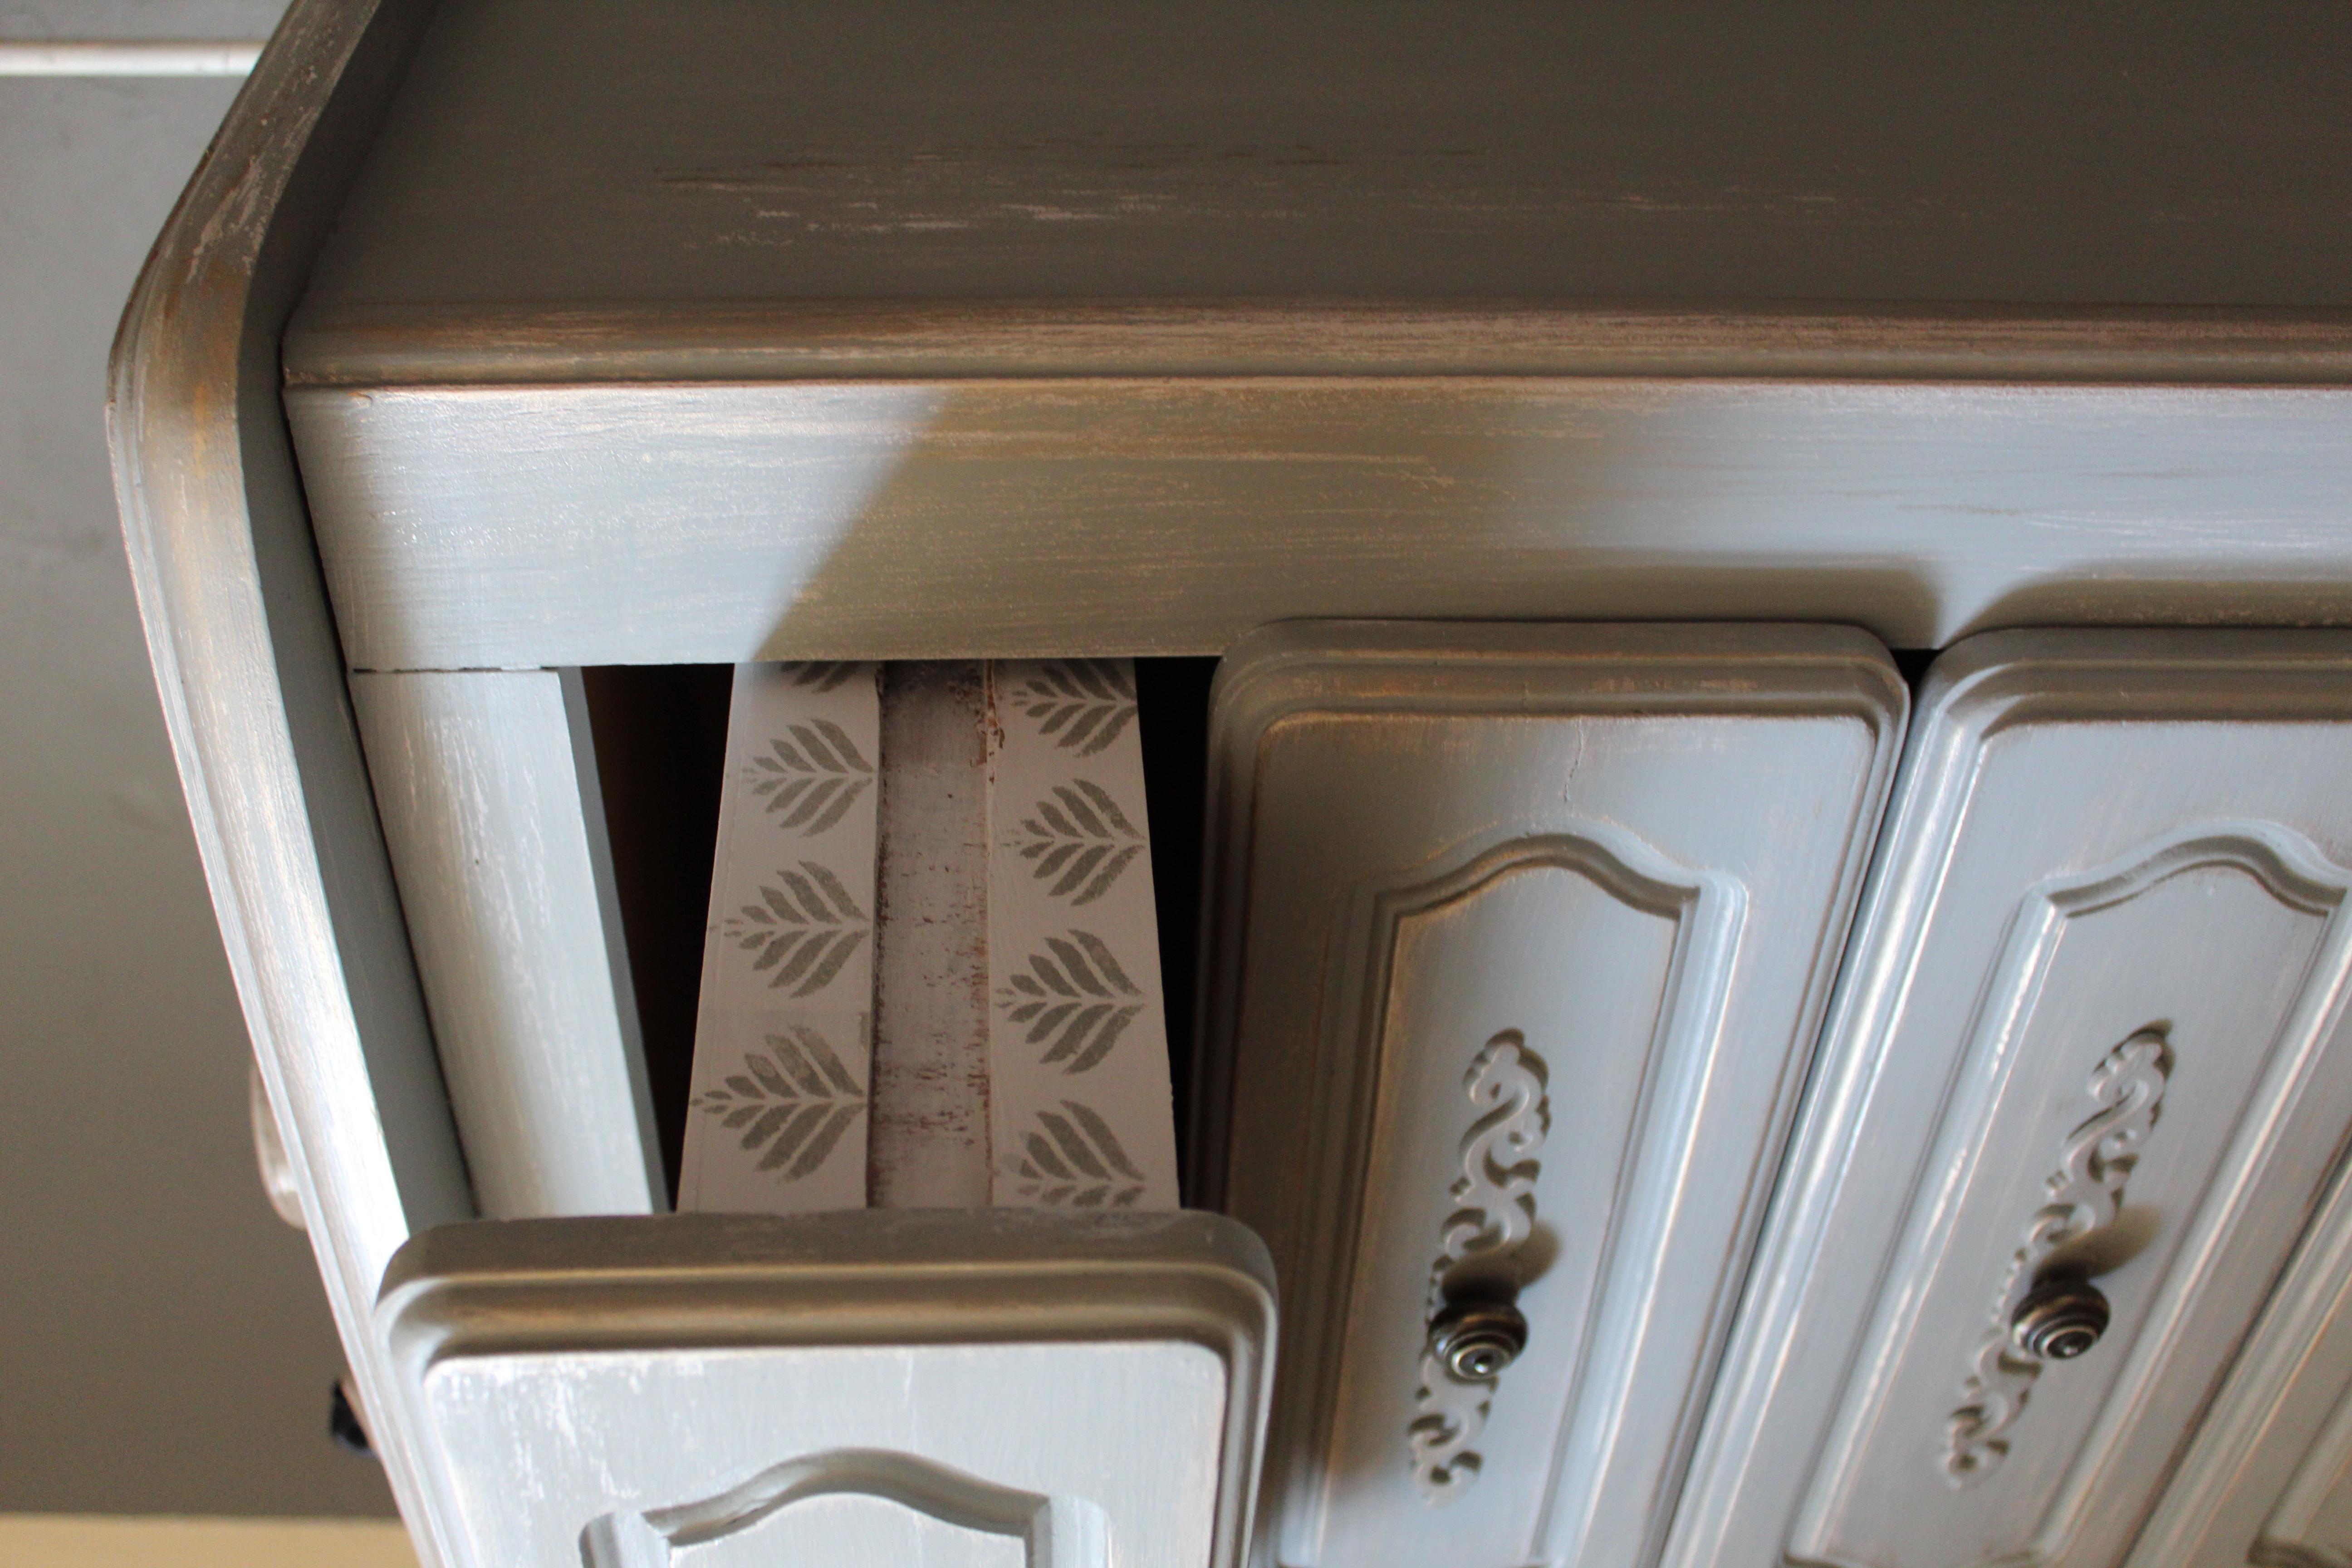 effet décoratif sur les tiroirs